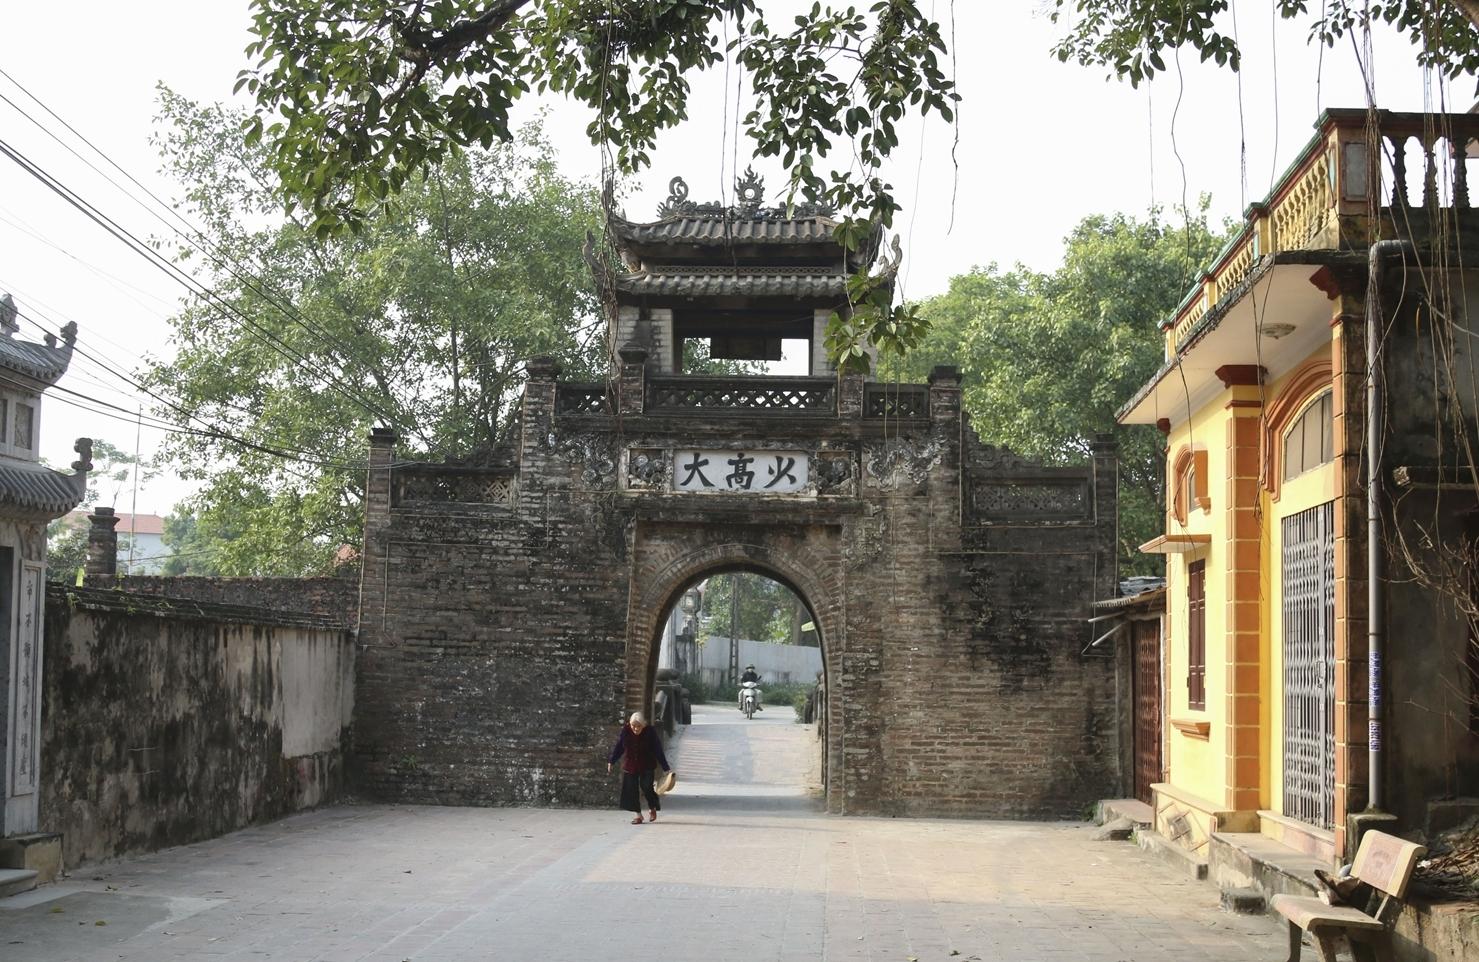 Khám phá vẻ đẹp cổng làng qua 5 thế kỷ